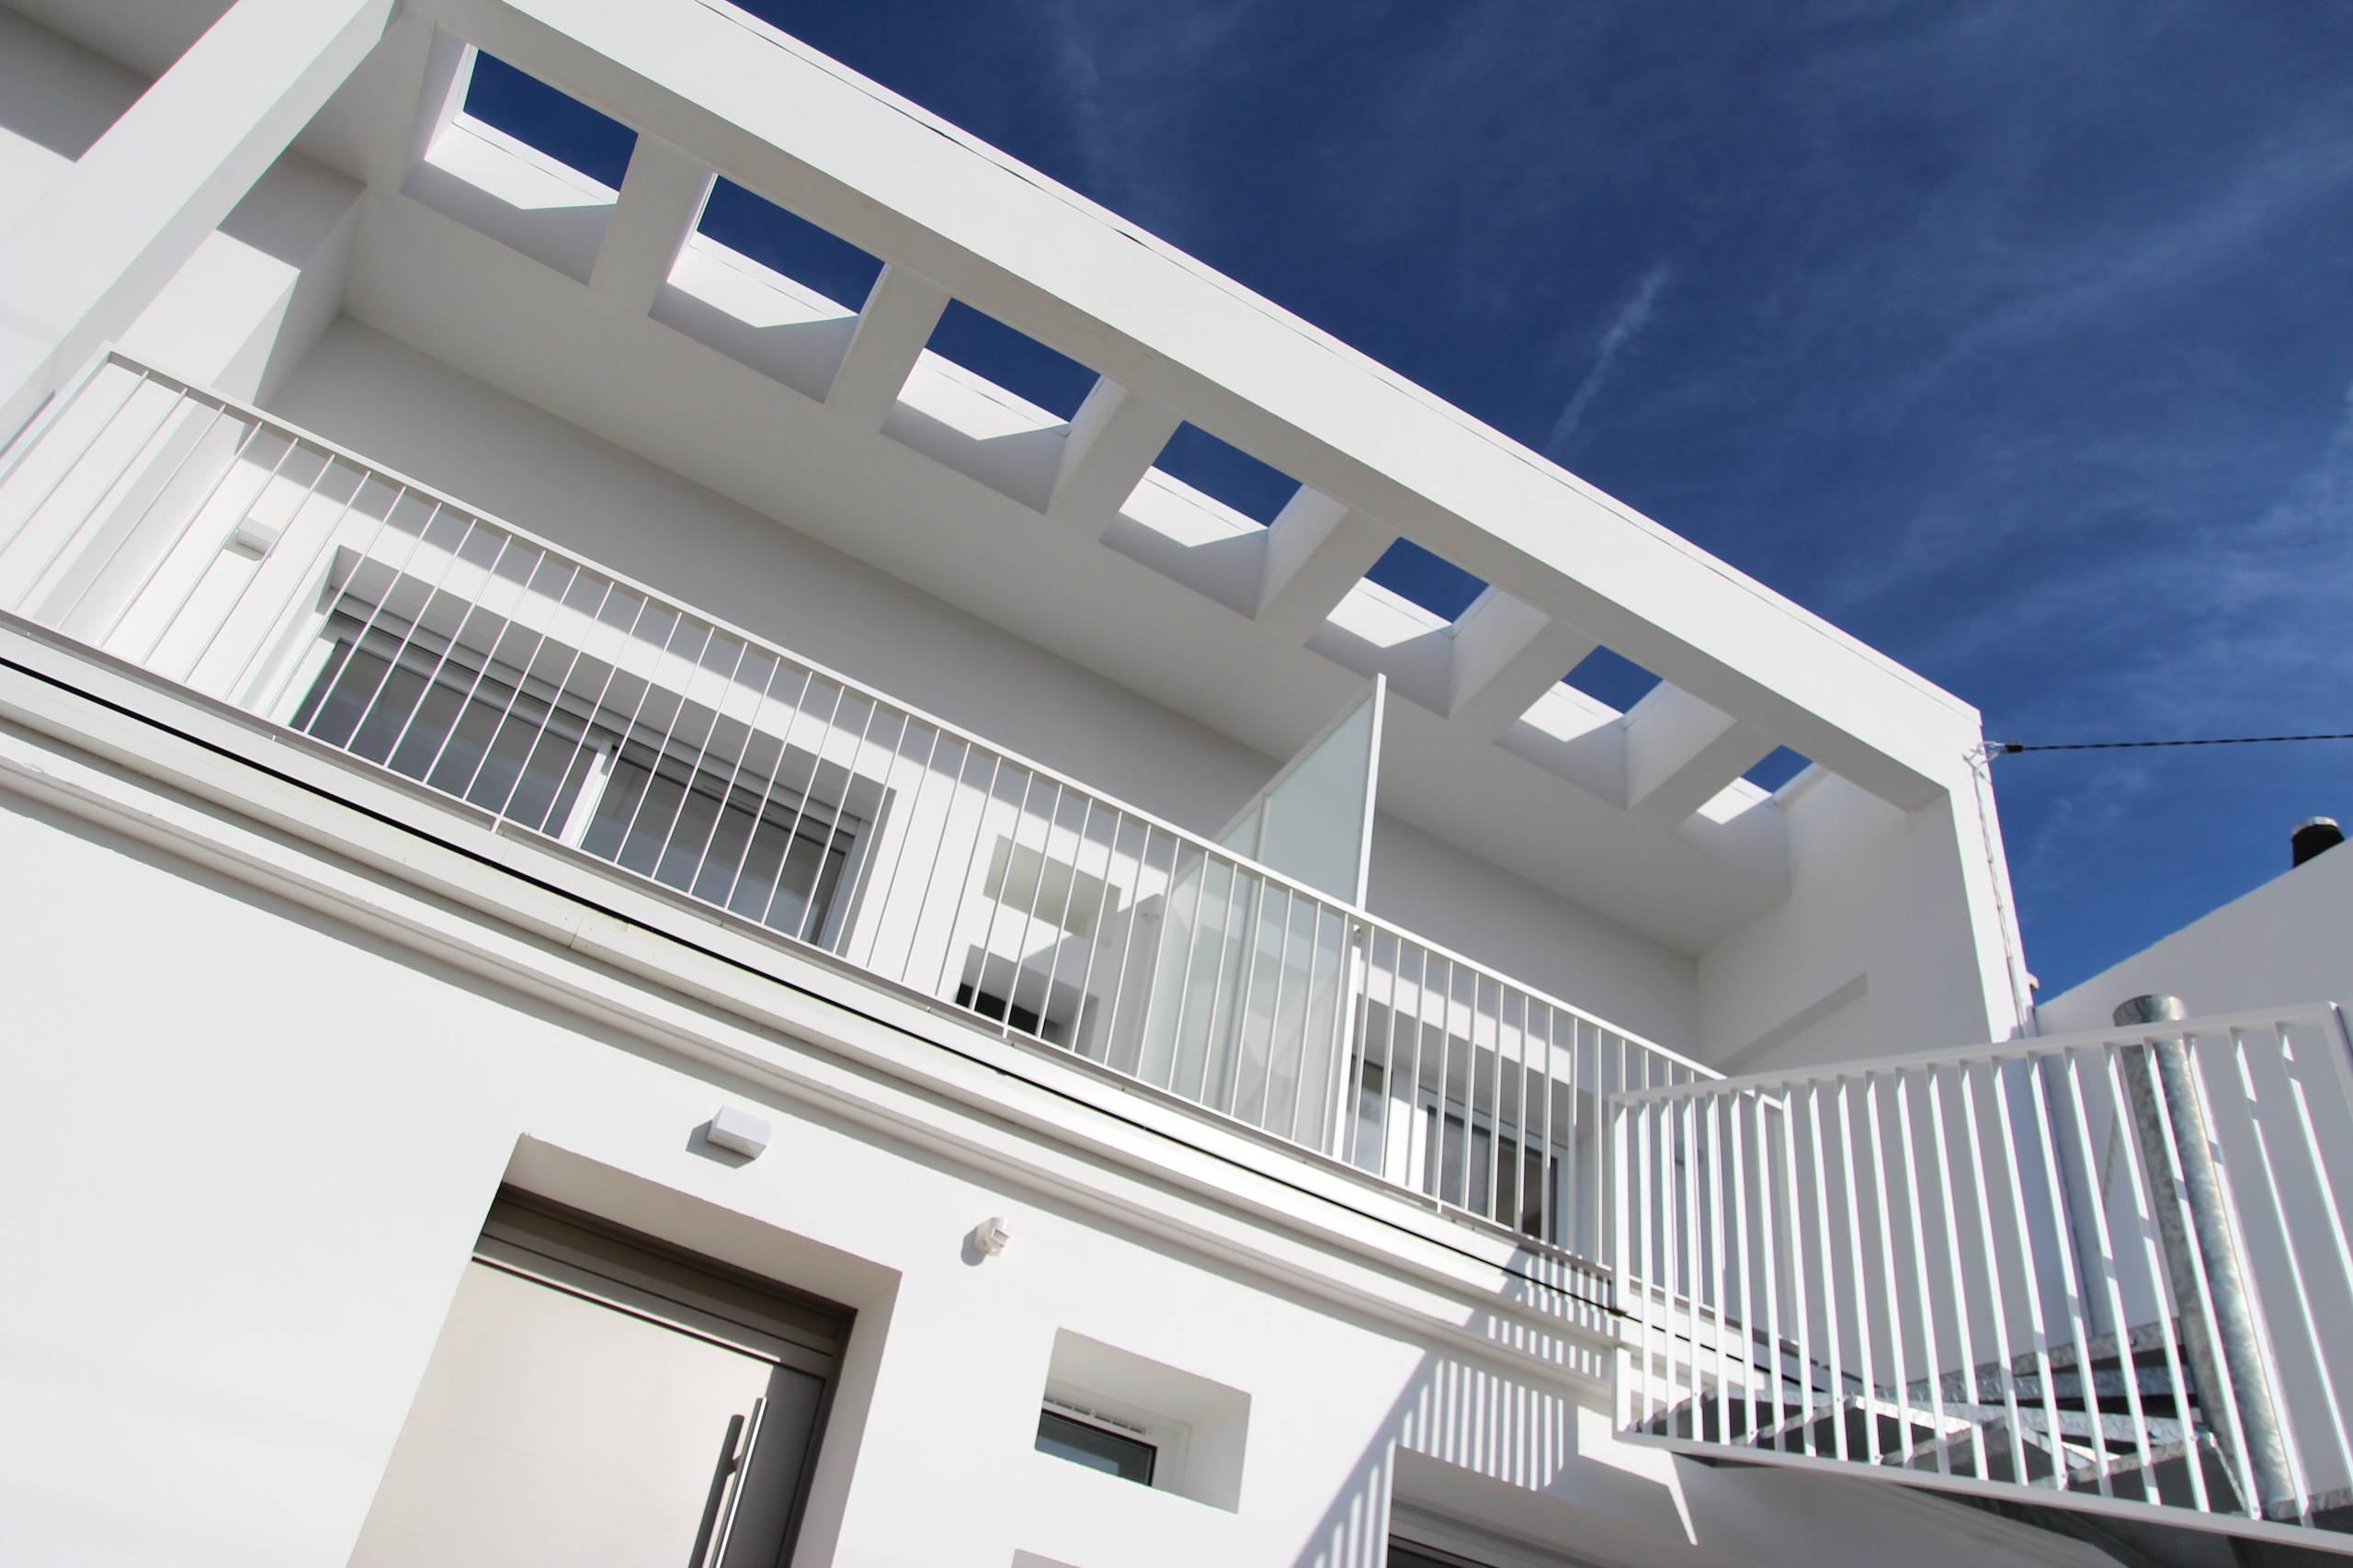 Maison HU2 - rénovation d'une maison individuelle